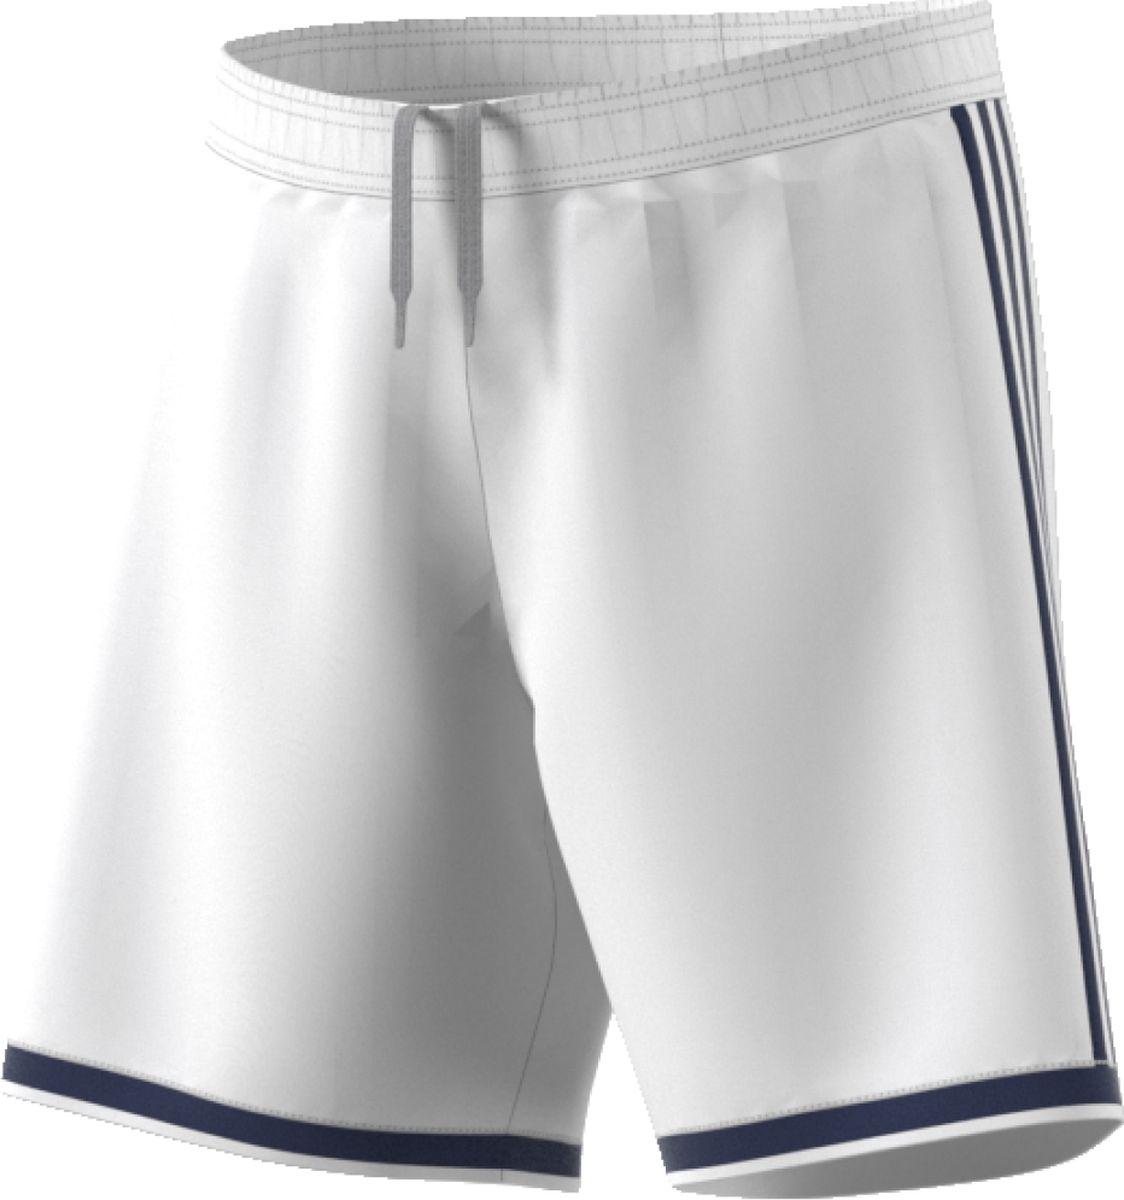 Шорты мужские Adidas Regista 18 Sho, цвет: белый. CF9597. Размер XXL (60/62) брюки спортивные мужские adidas m id stadium pt цвет синий cg2093 размер xxl 60 62